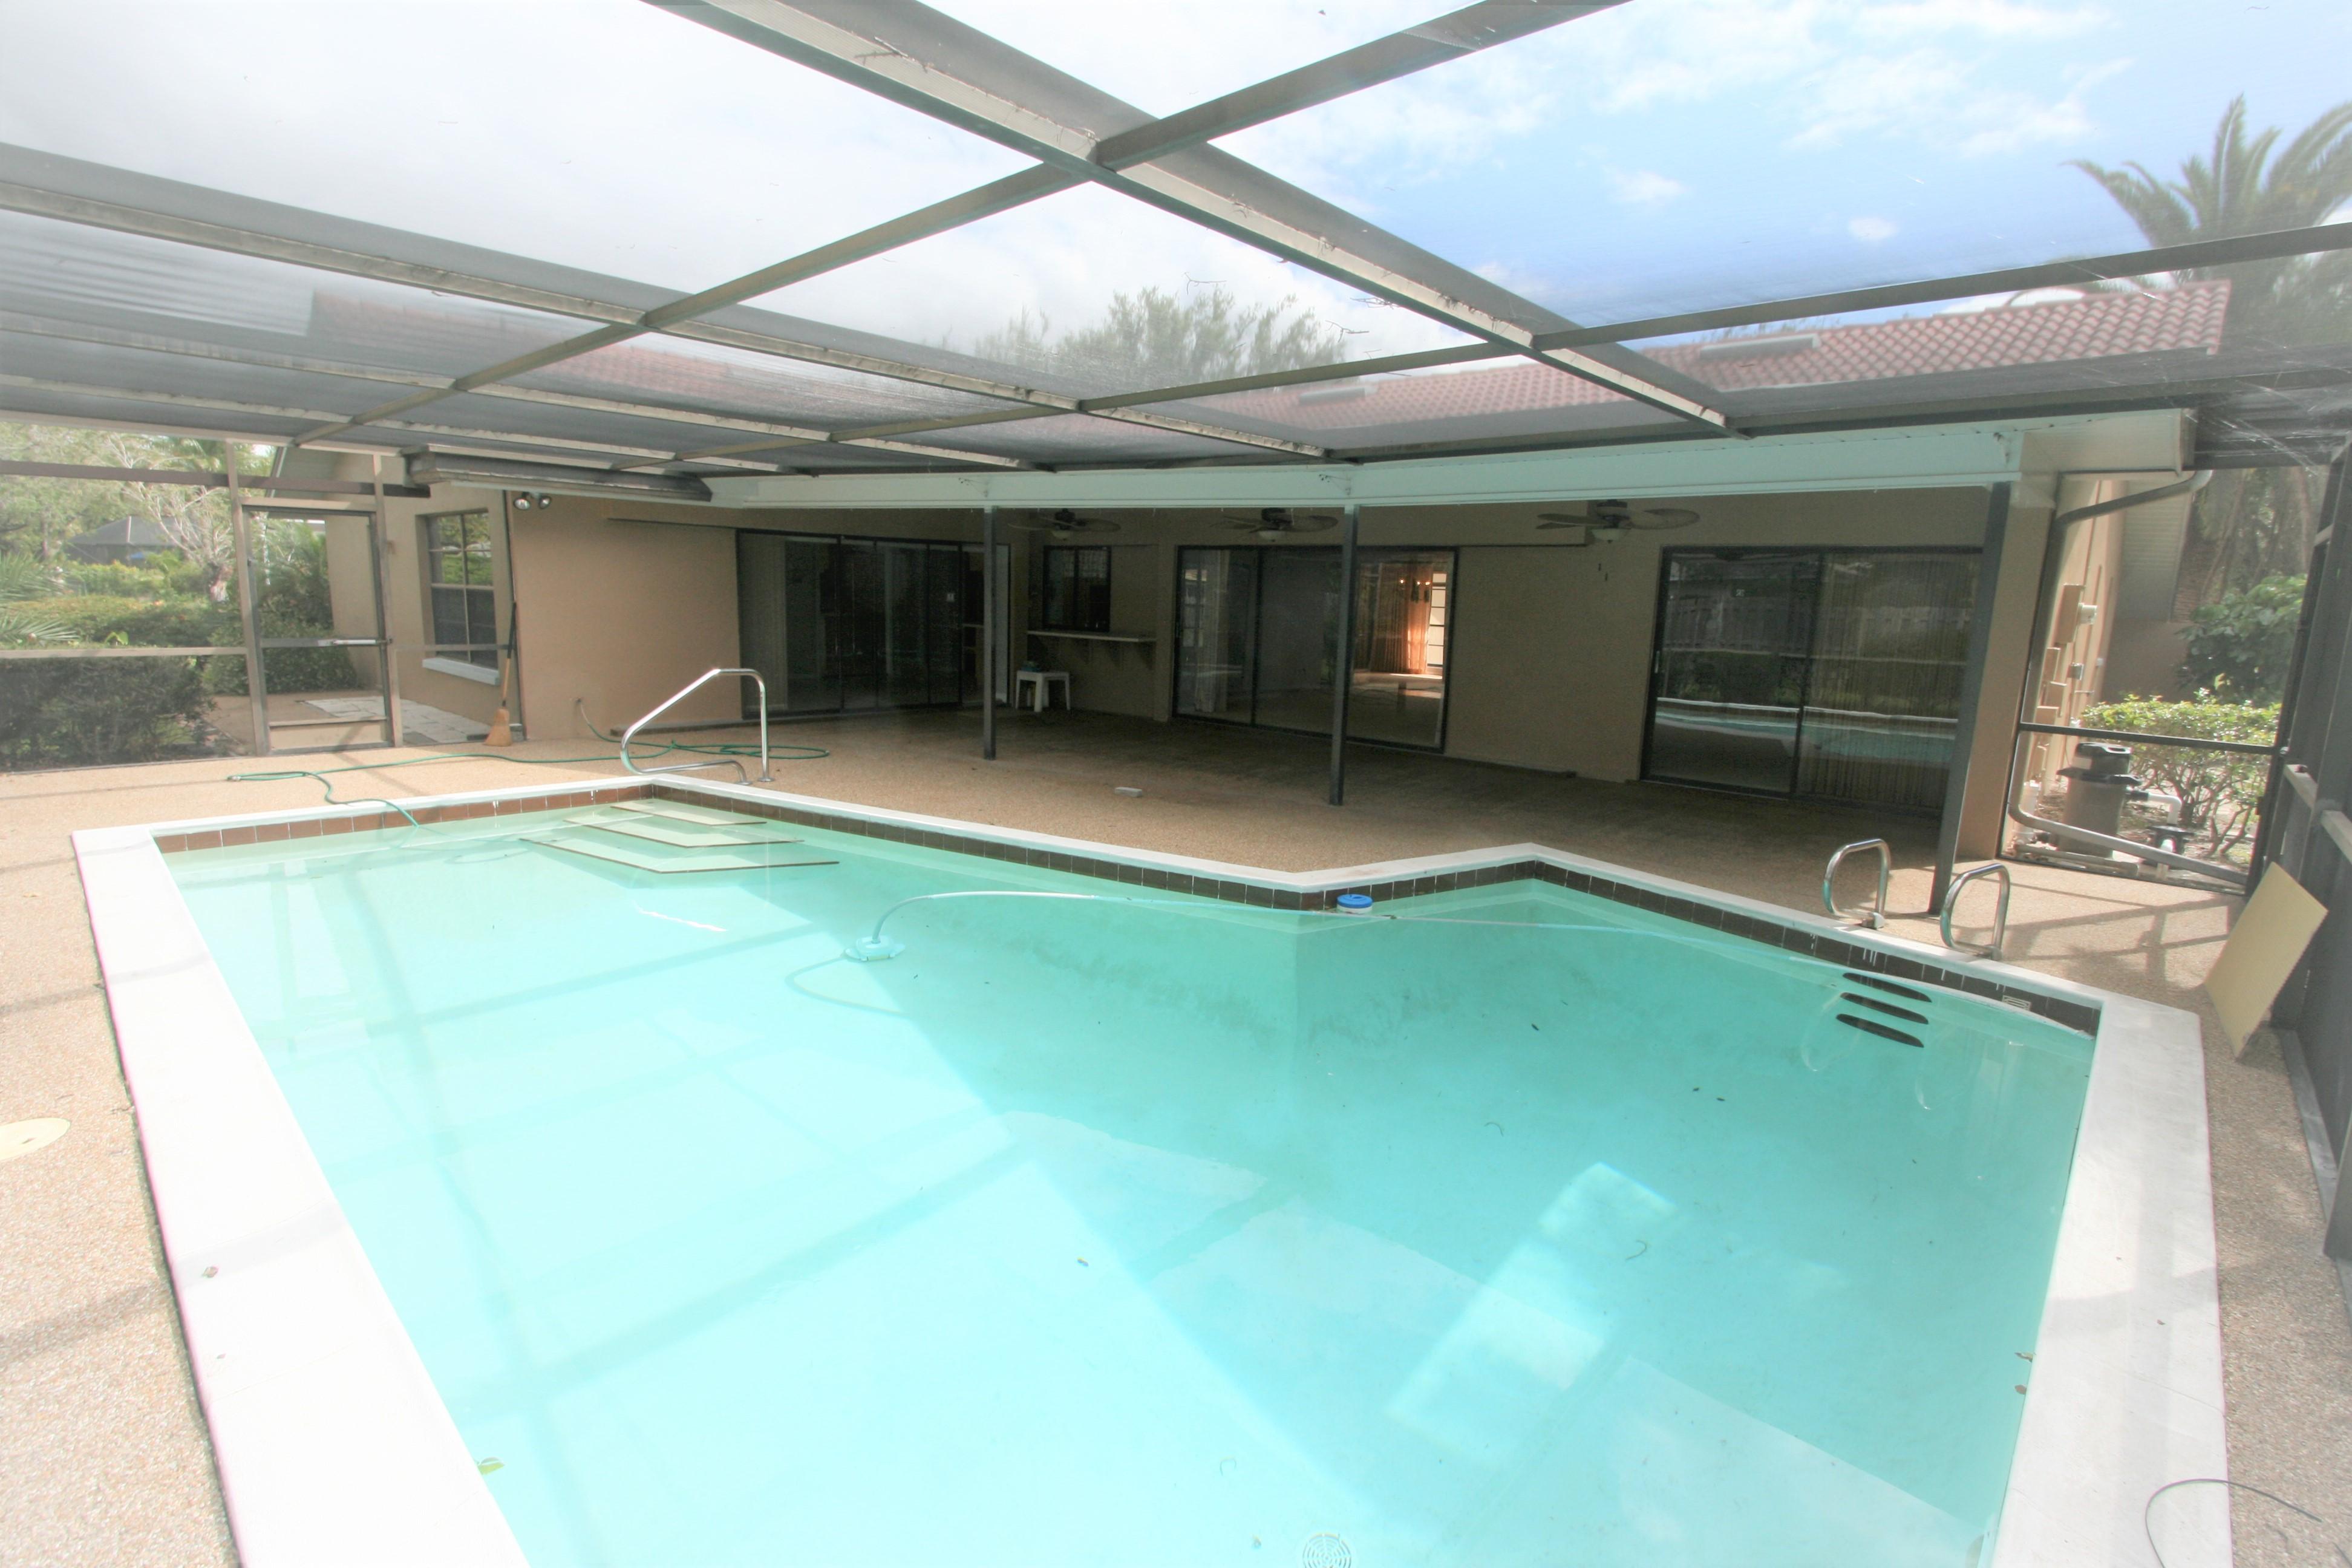 Pool home in Whiskey Creek ~ Steelbridge Realty LLC